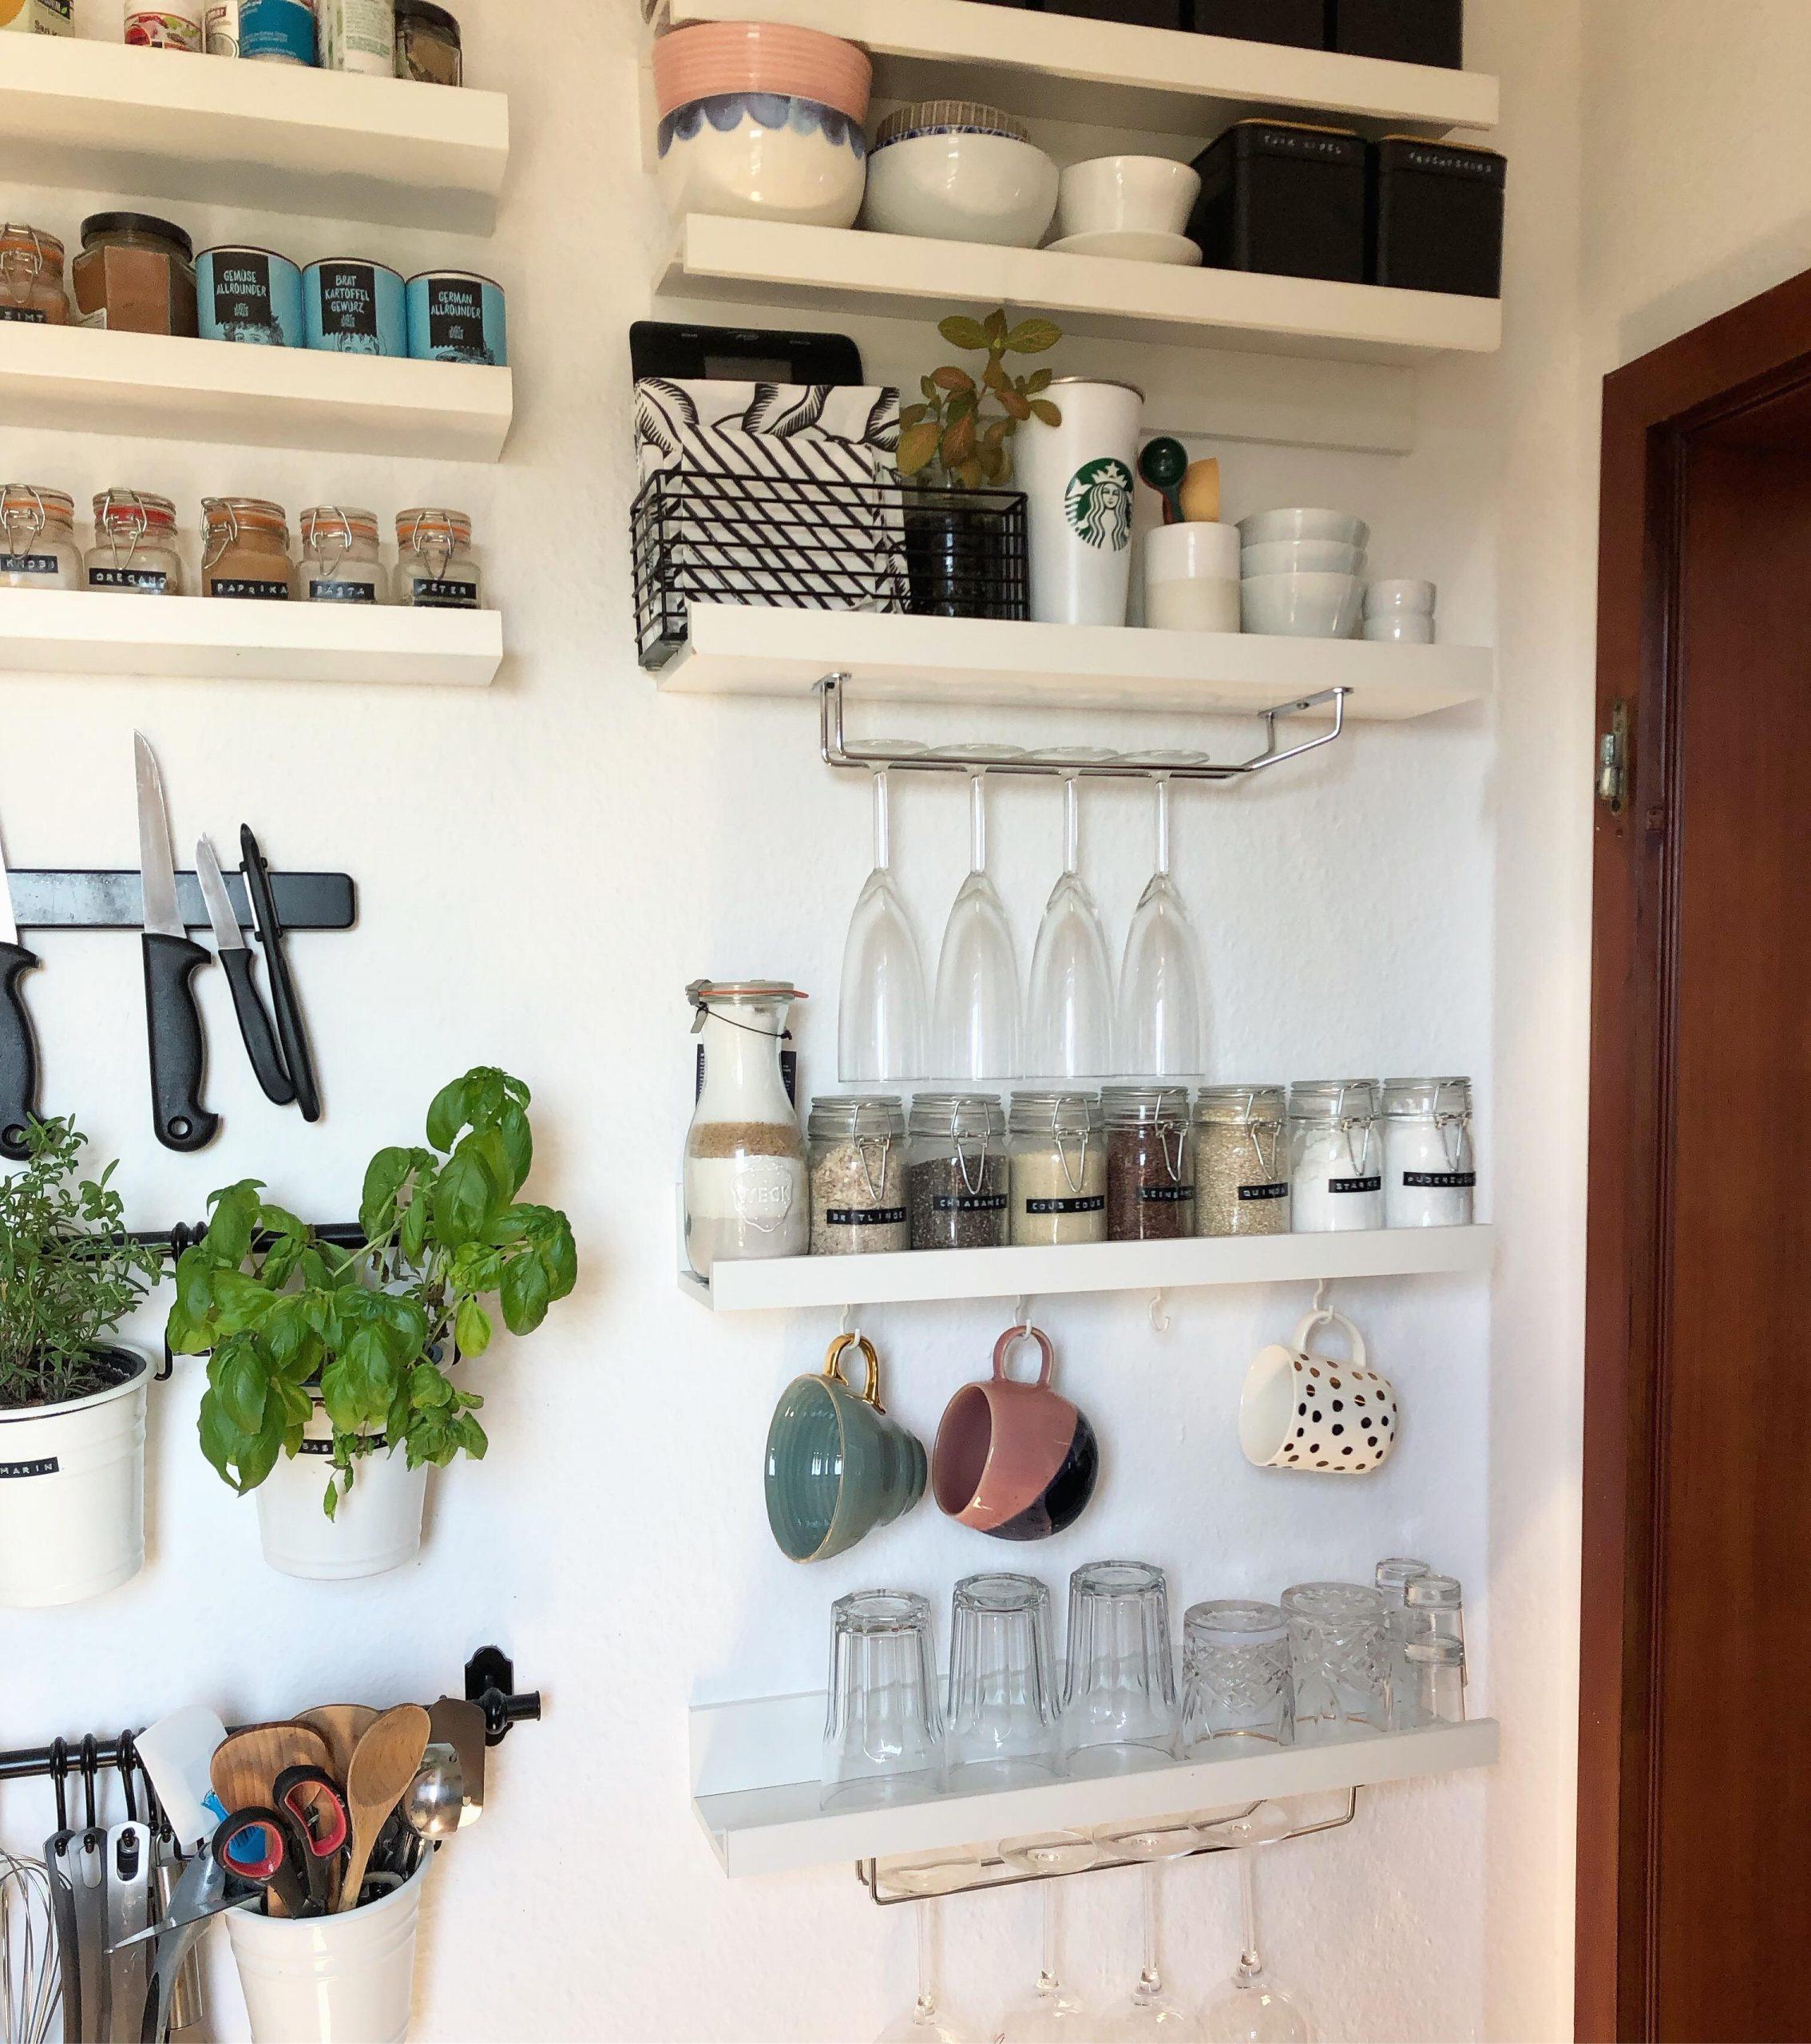 Full Size of Plastikfreie Küche Aufbewahrung Ideen Kleine Küche Aufbewahrung Küche Aufbewahrung Schrank Küche Aufbewahrung Vintage Küche Küche Aufbewahrung